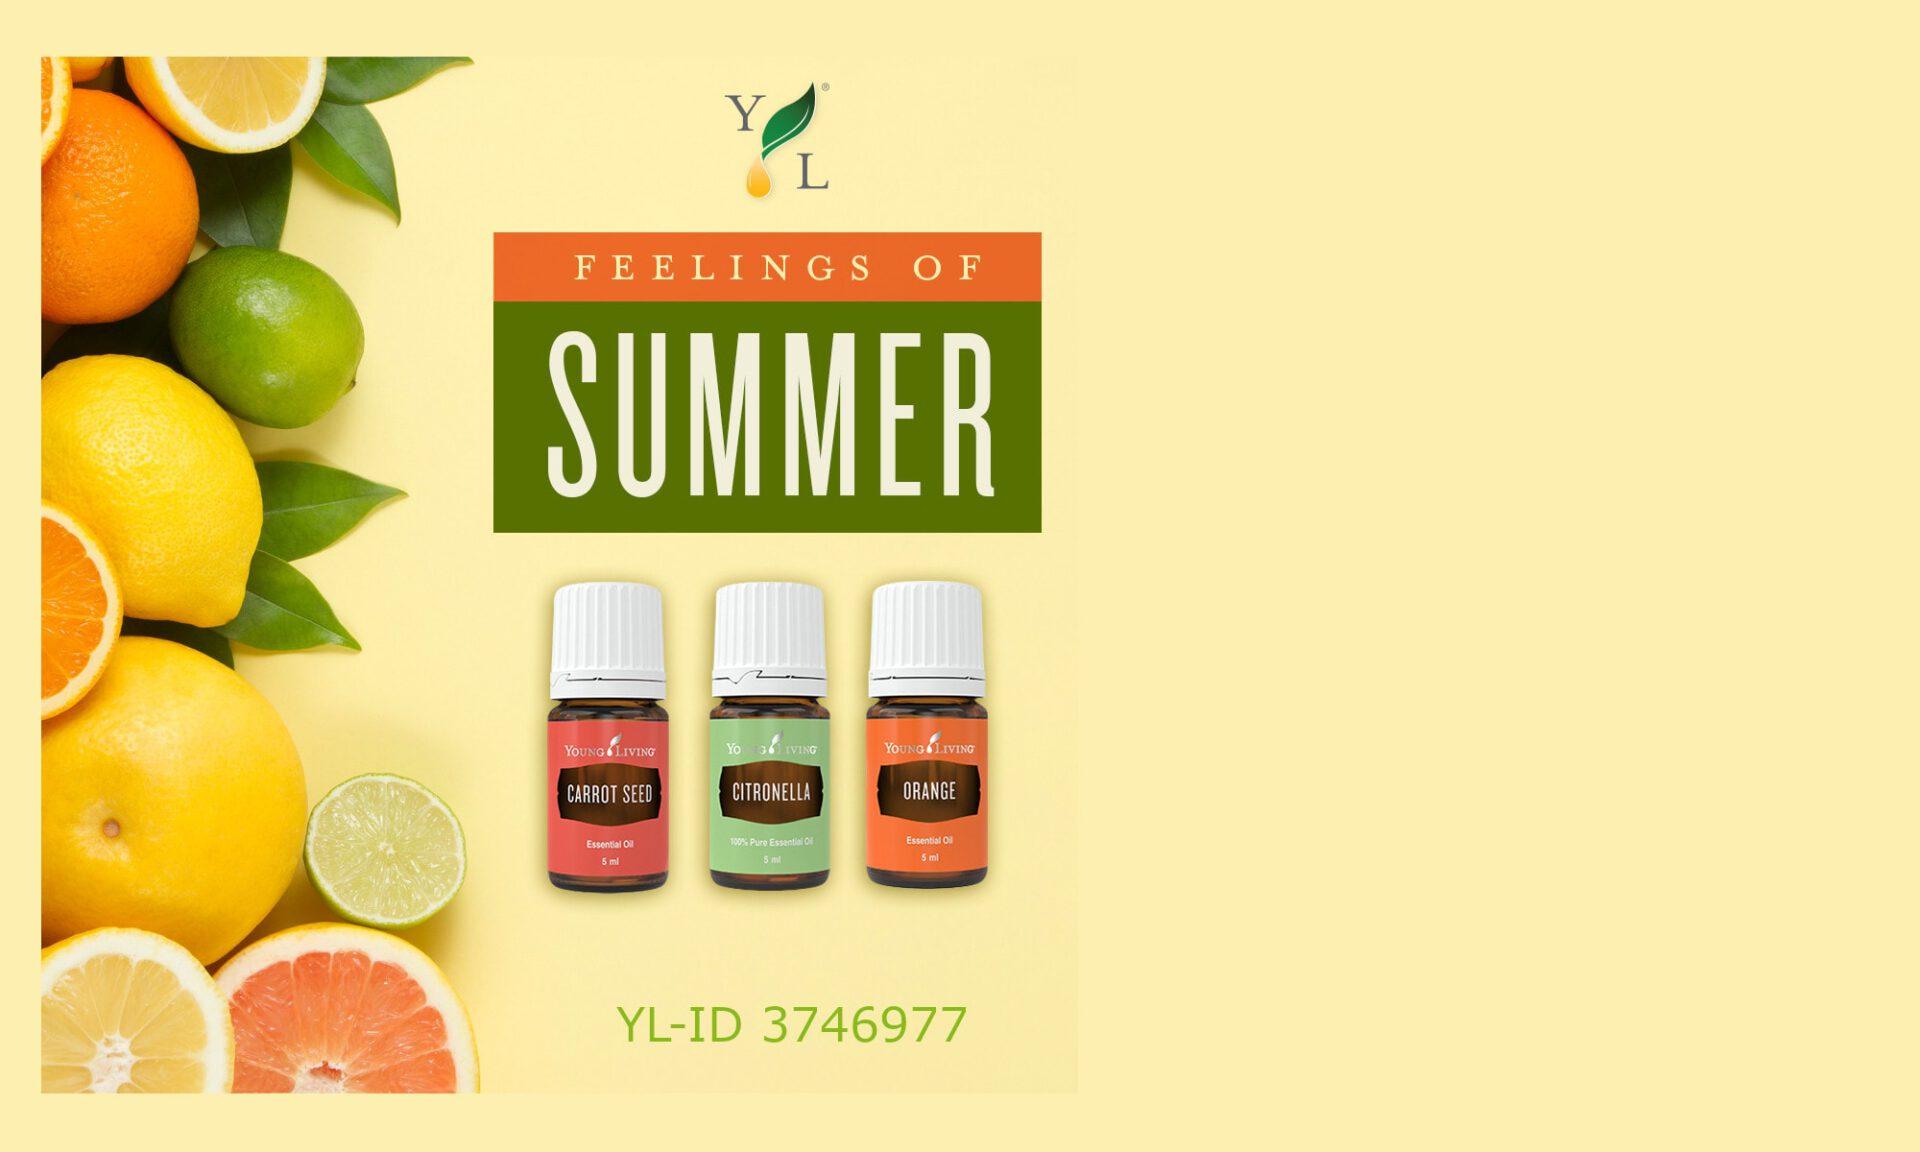 Karottensamen, Citronella und Orange ätherische Öle von Young Living